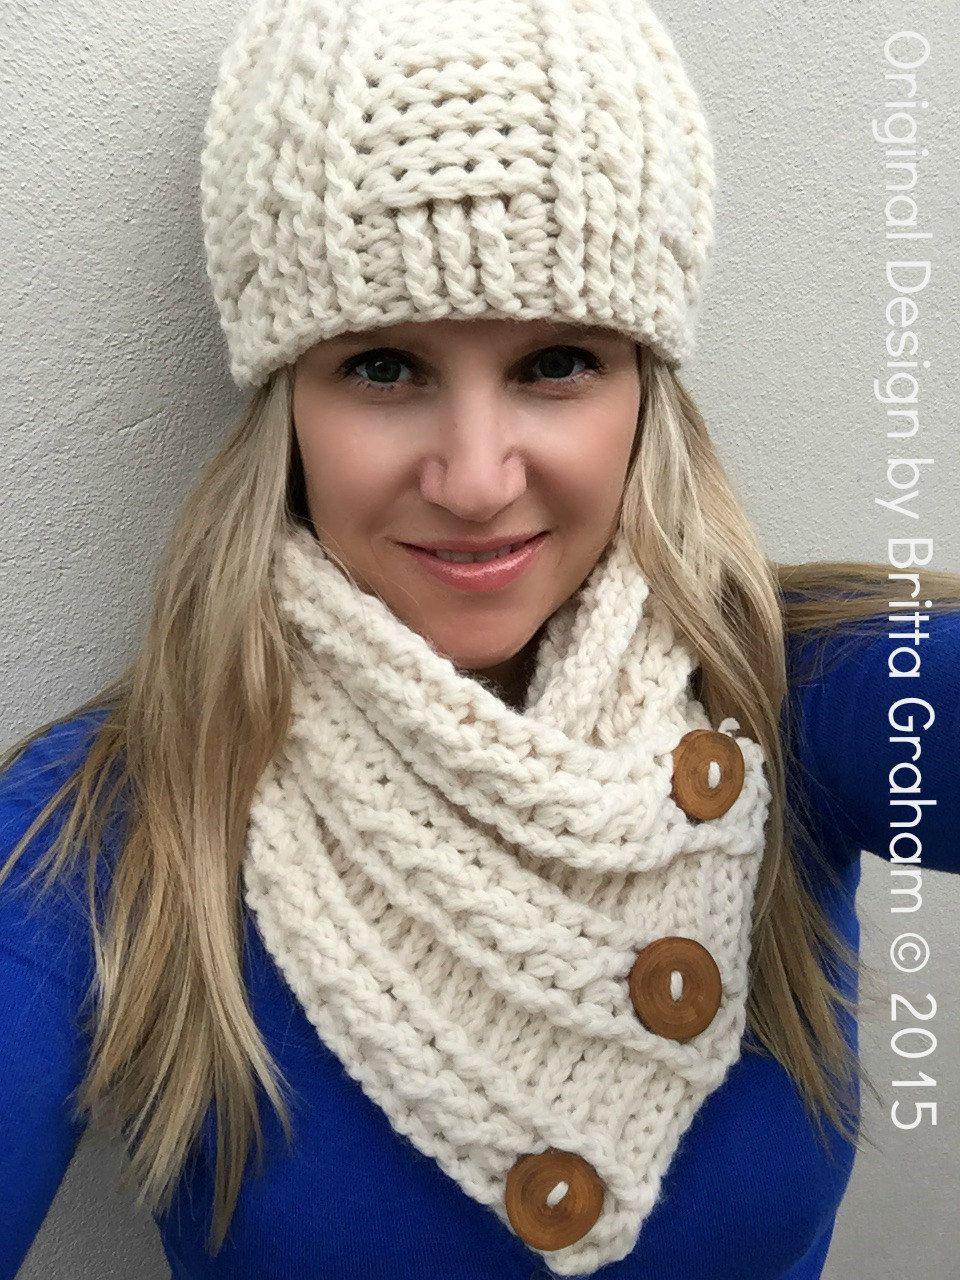 Cableado patrn de ganchillo bufanda de hilo por bubnutpatterns cabled scarf crochet pattern for chunky yarn fisherman neck wrap with free crochet hat pattern bankloansurffo Gallery